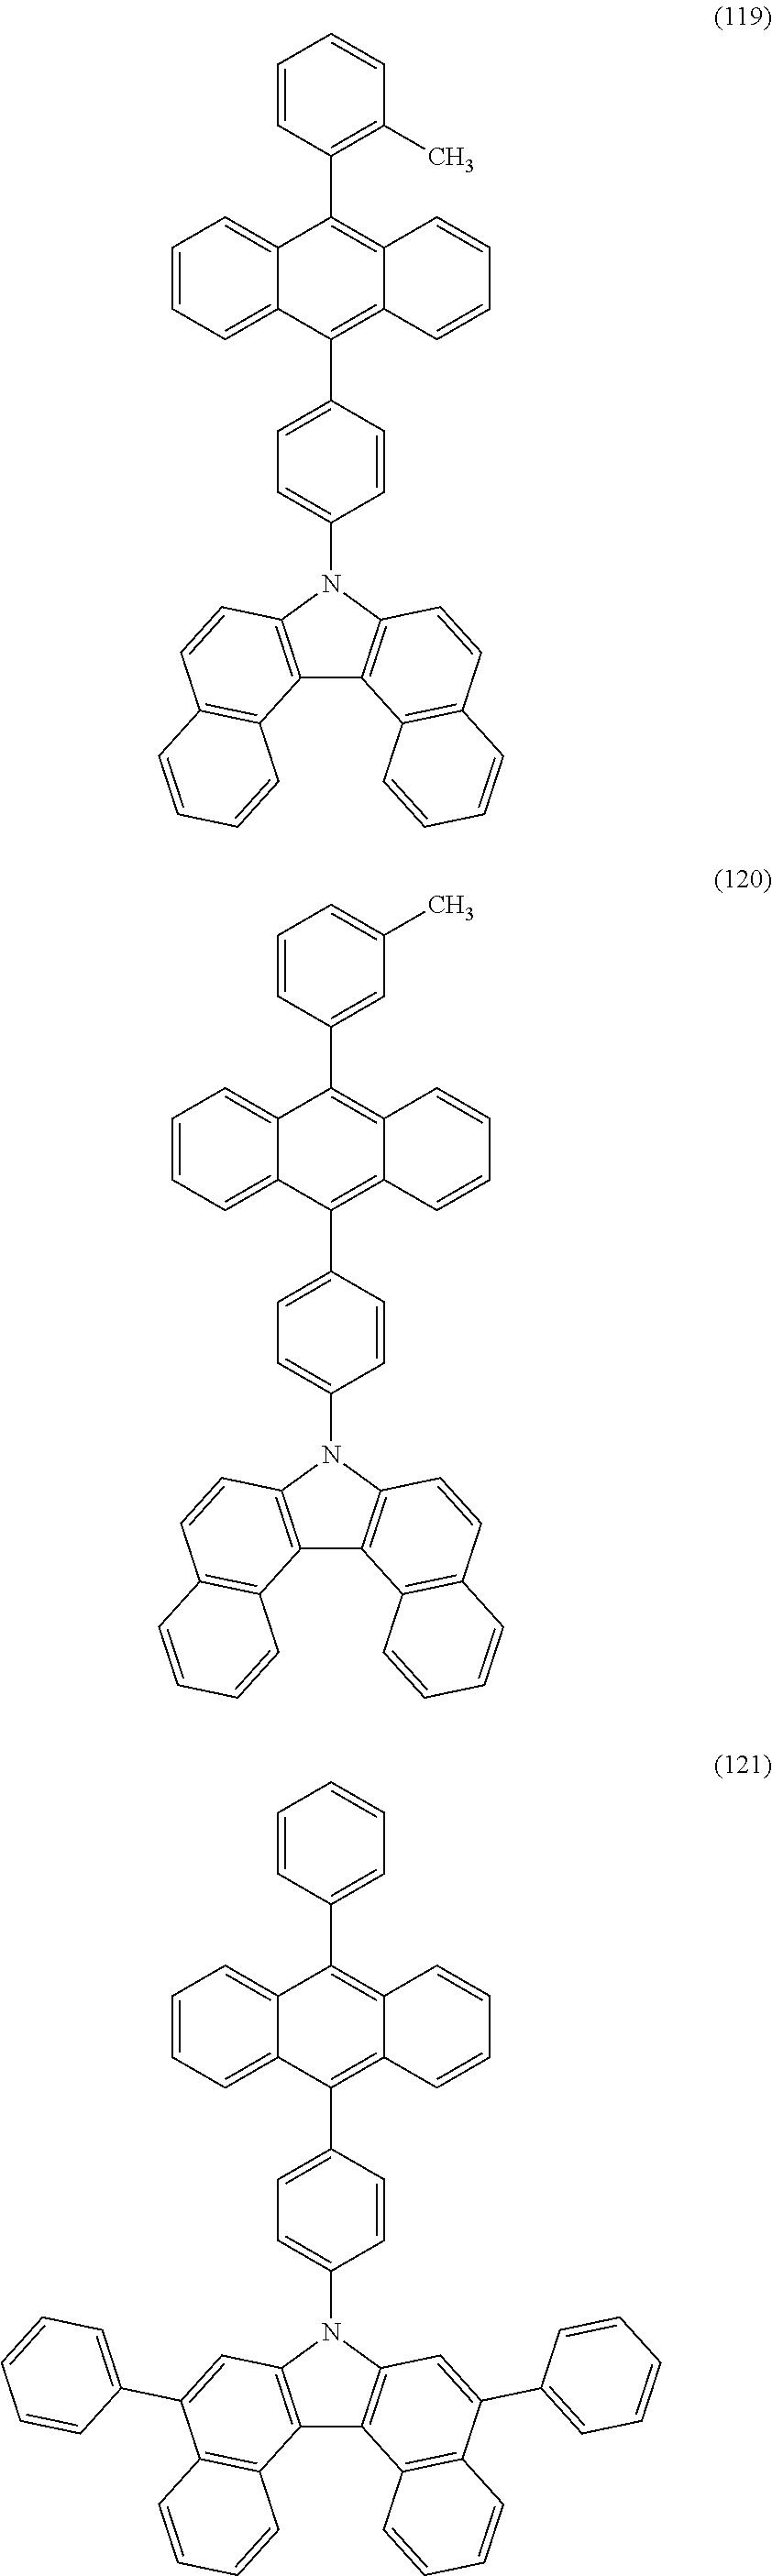 Figure US09240558-20160119-C00051